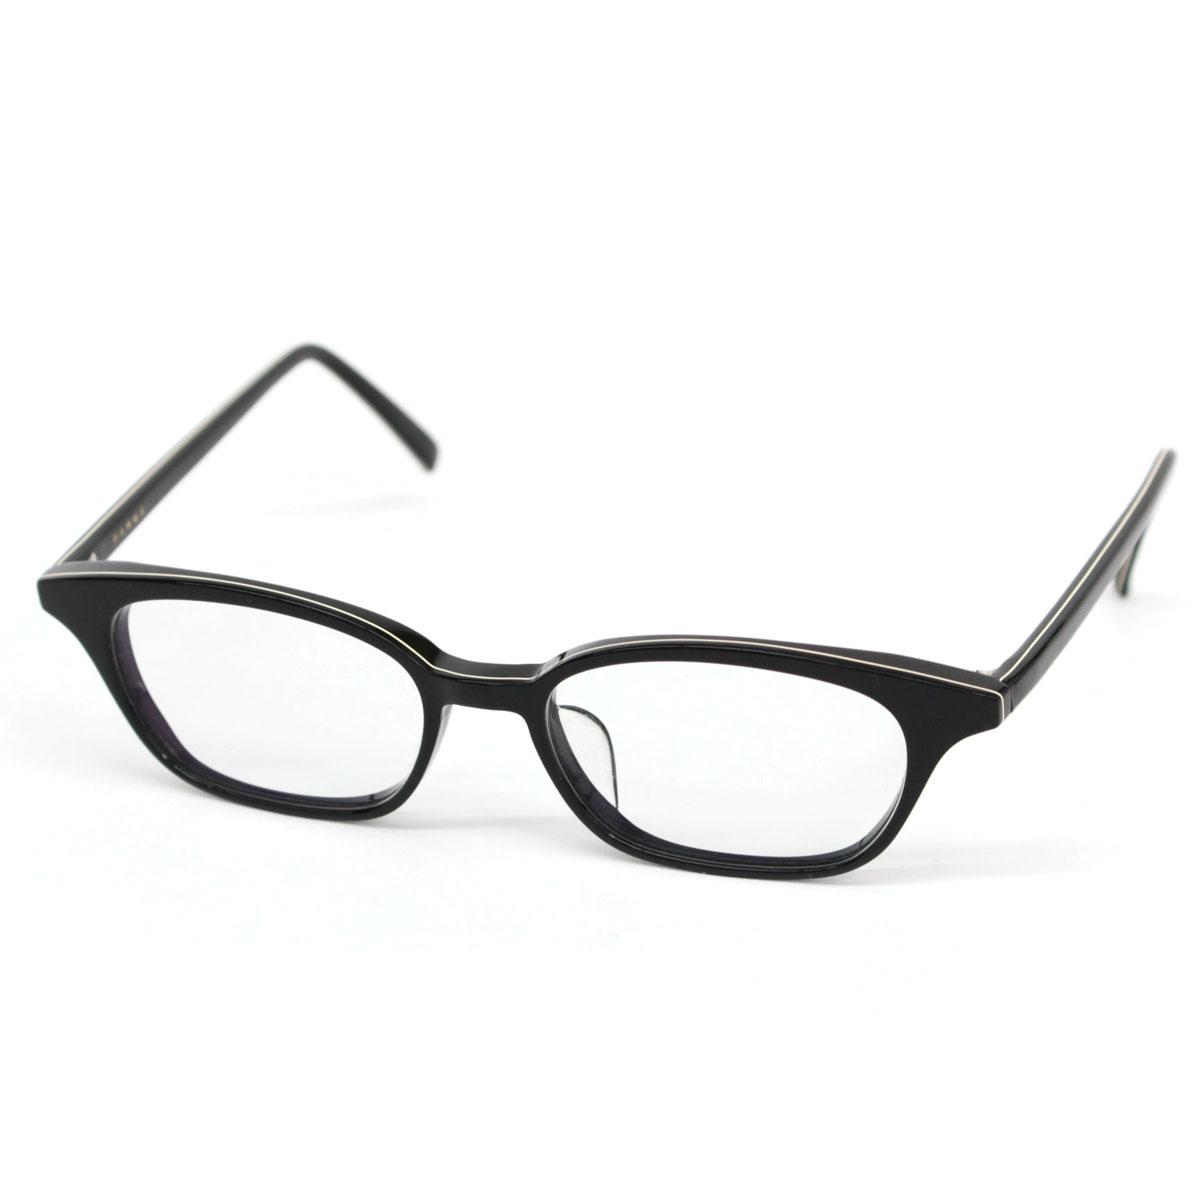 【中古】良好◆白山眼鏡店 眼鏡フレーム レンズ度無し◆ black /黒/ブラック/アイウェア/メガネ/伊達/メンズ/レディース/スクエア